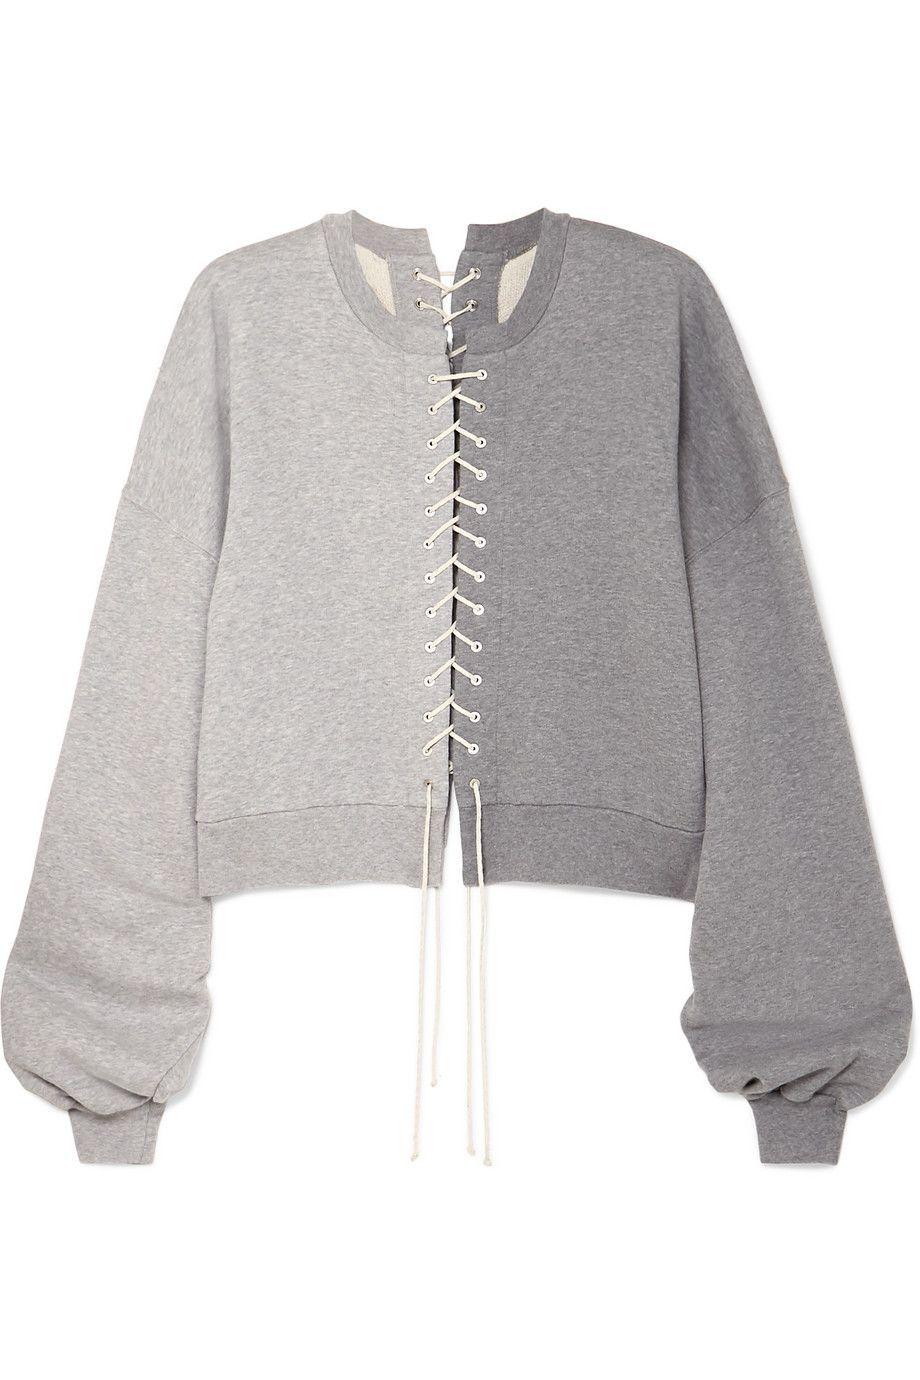 6 Sweatshirt Edgy Untuk Kamu Andalkan Sehari-hari